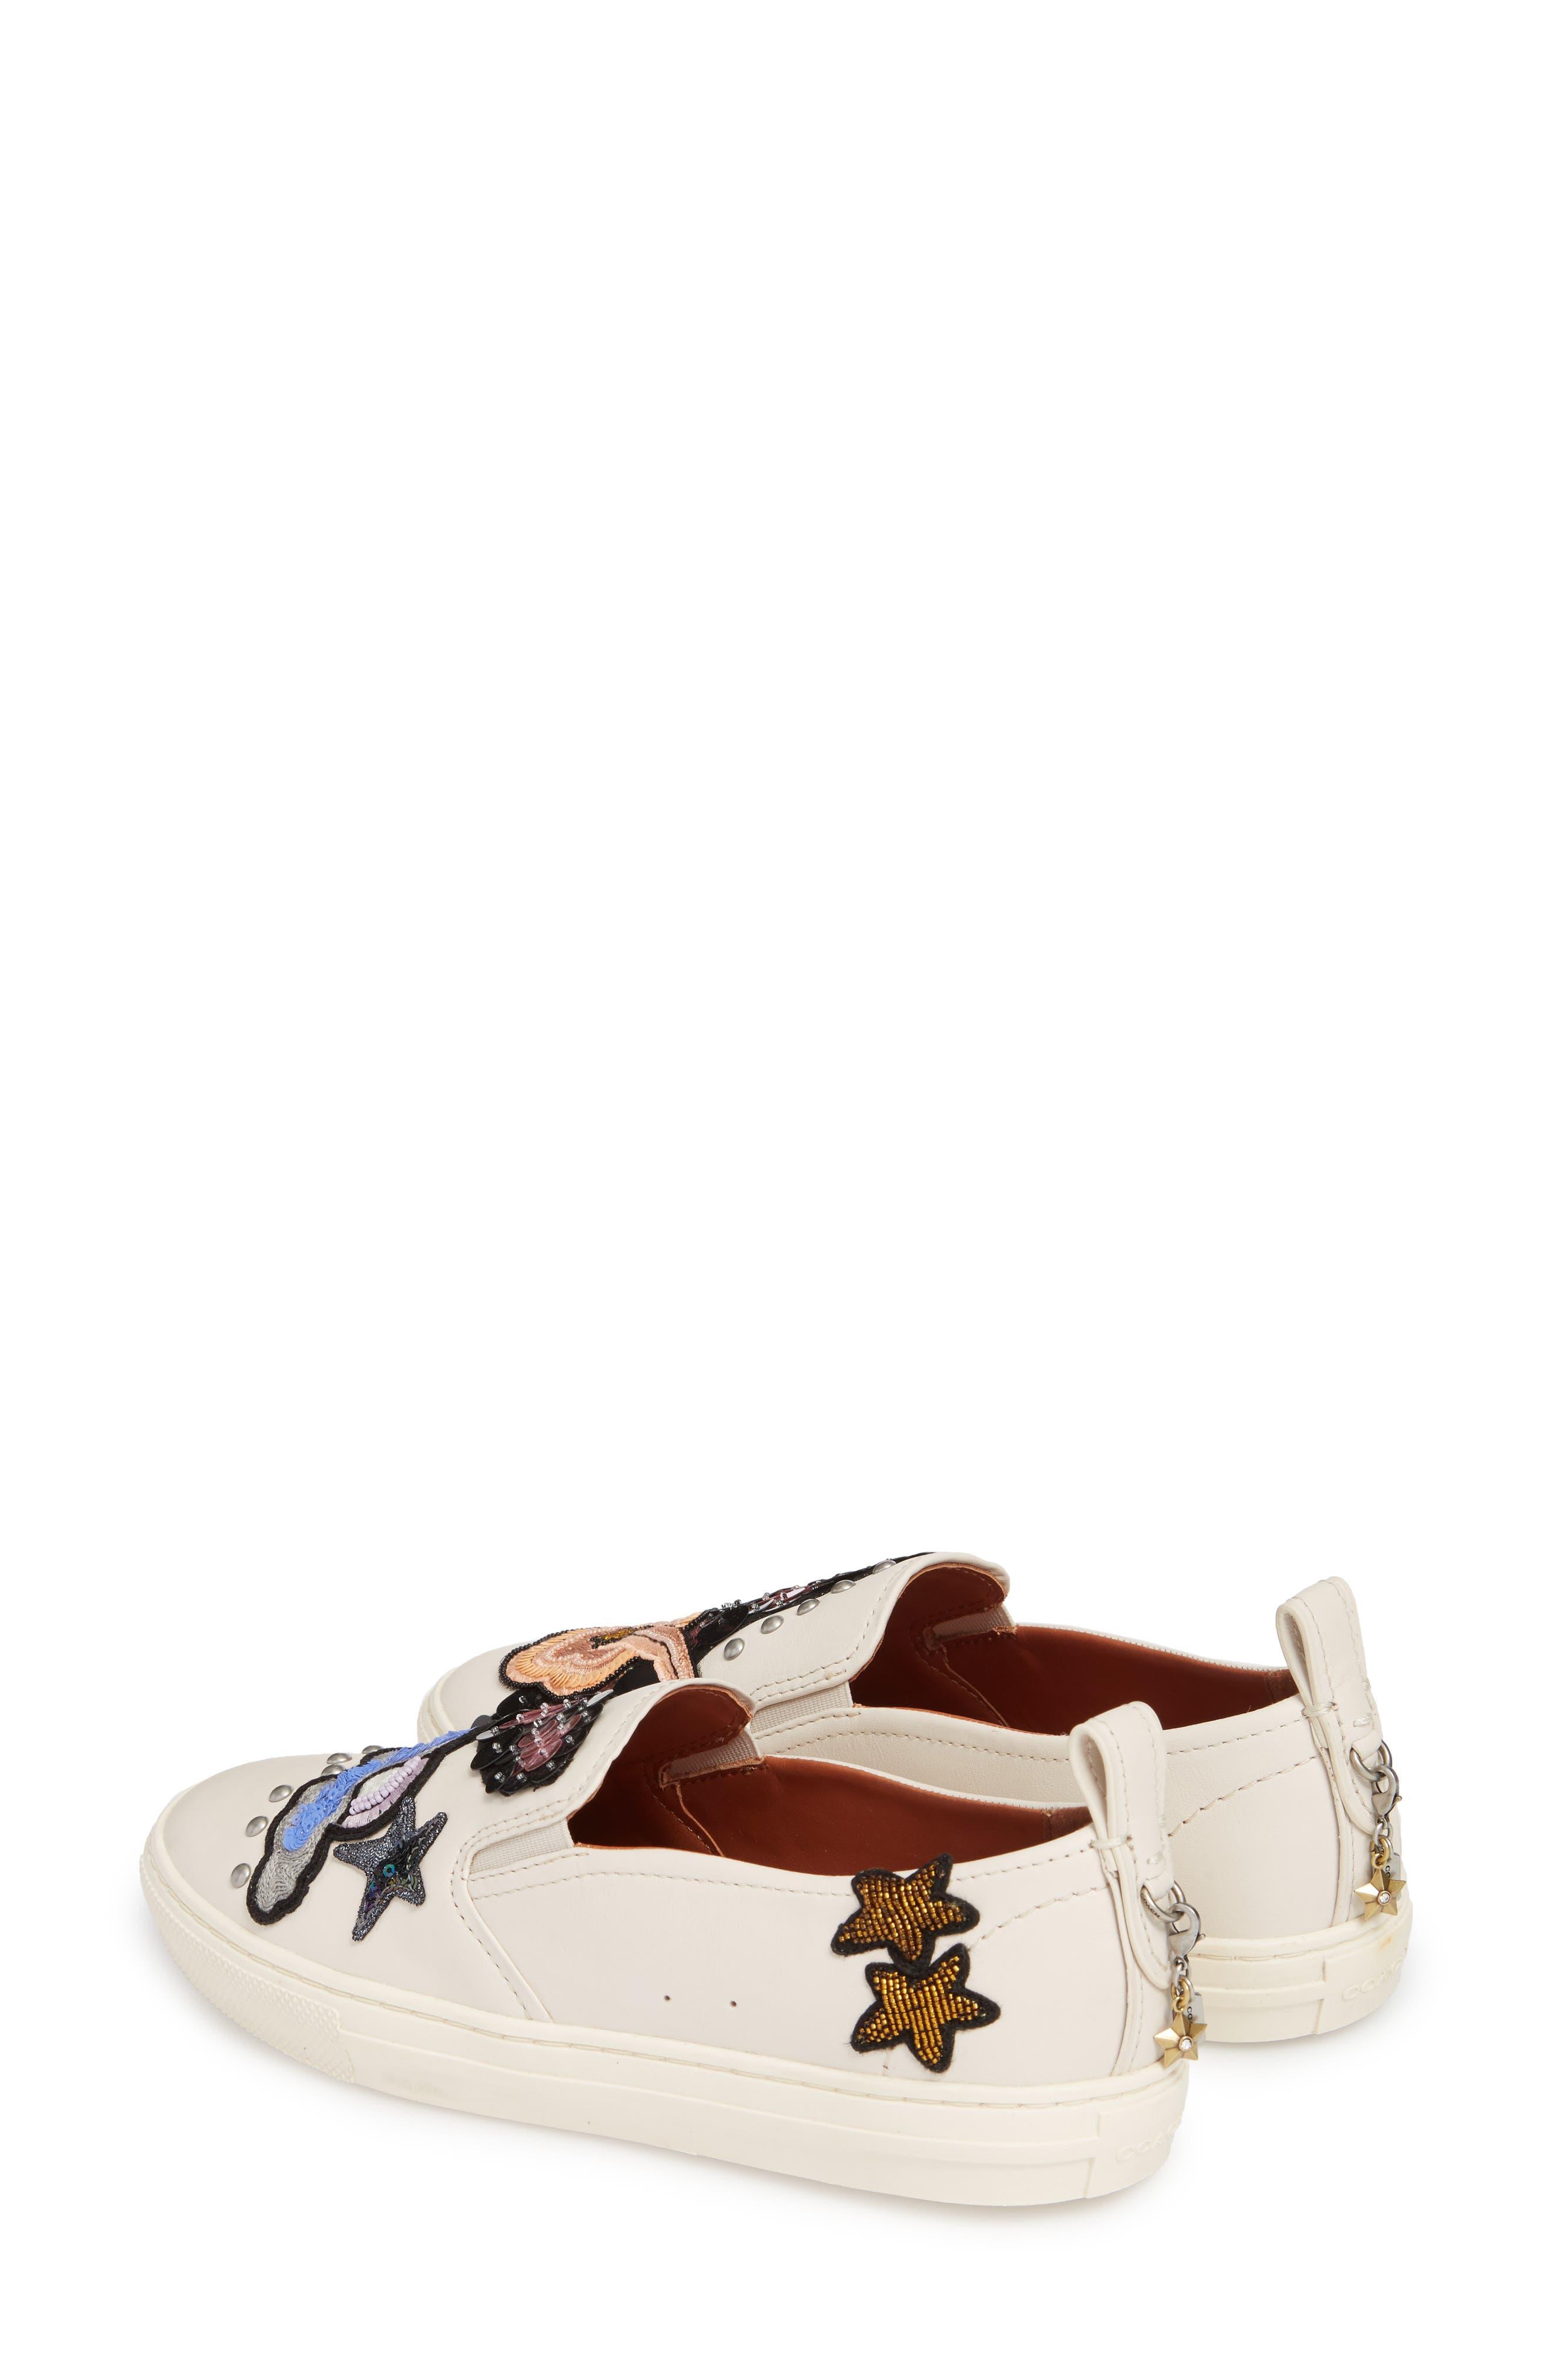 Star Patch Slip-On Sneaker,                             Alternate thumbnail 2, color,                             115